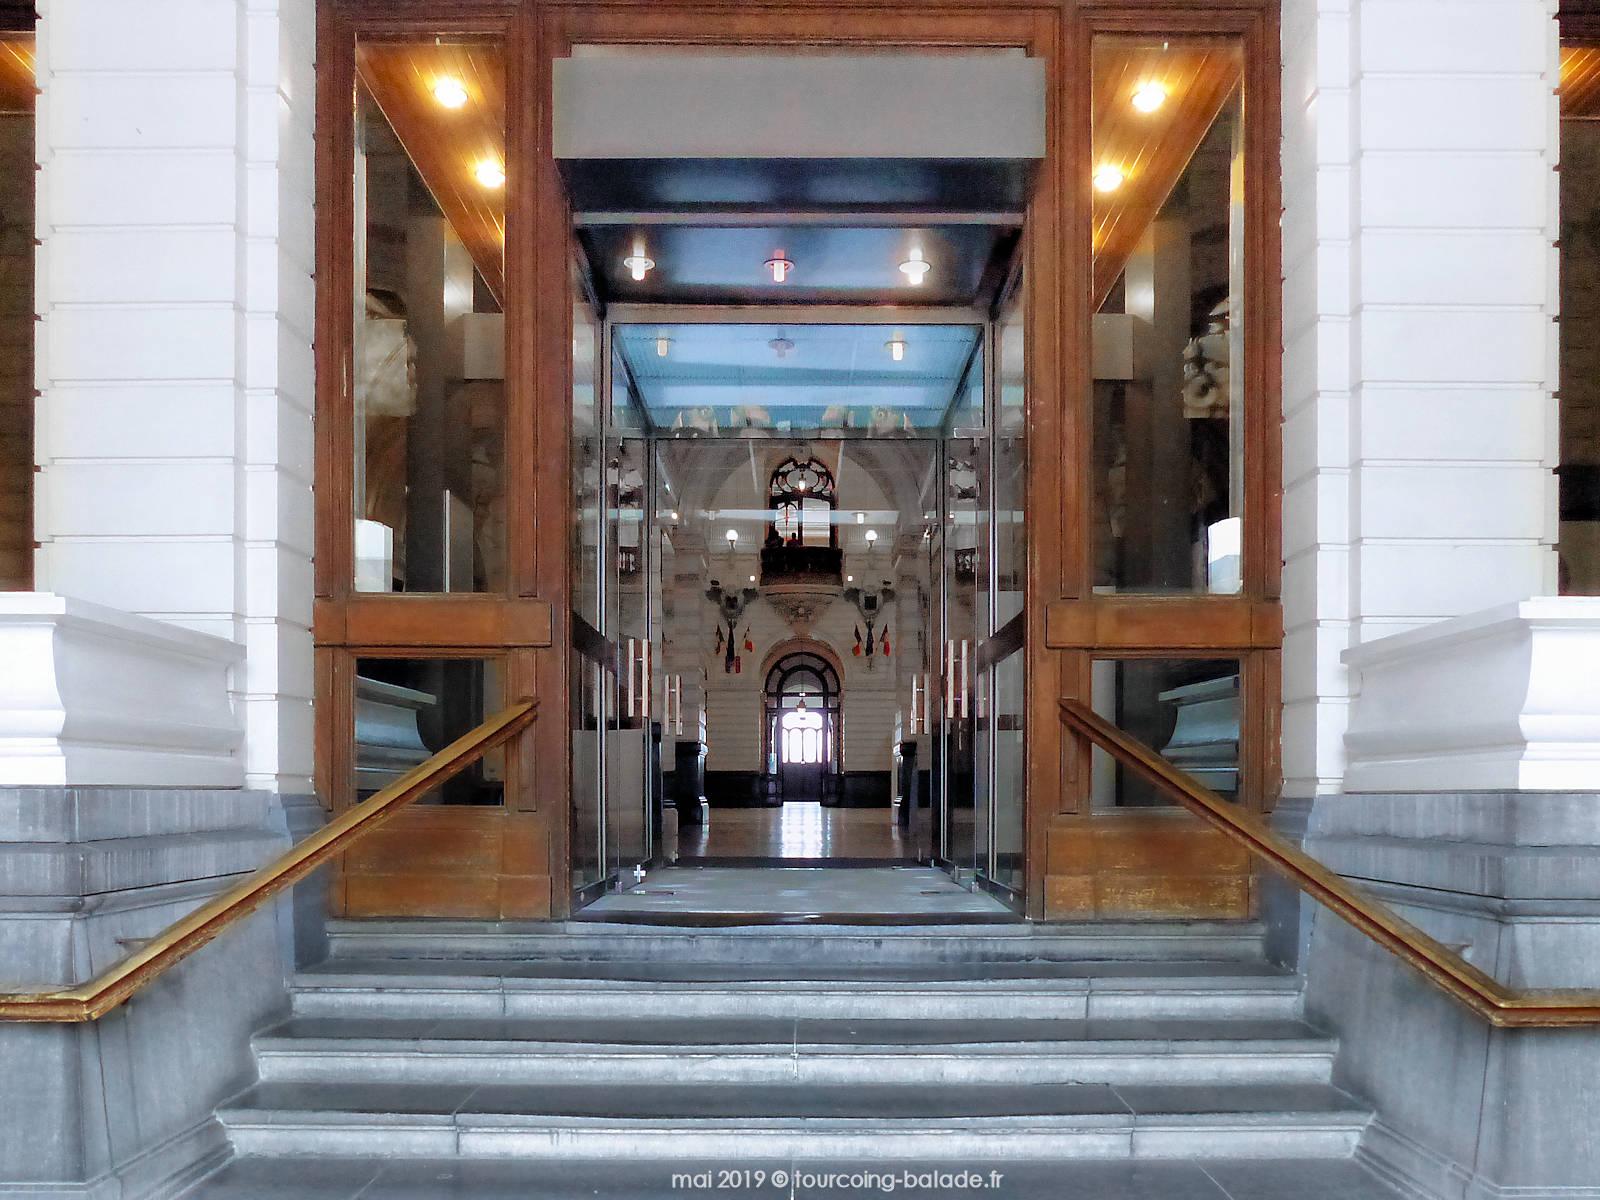 Escaliers de l'entrée principale de la Mairie de Tourcoing, 2019